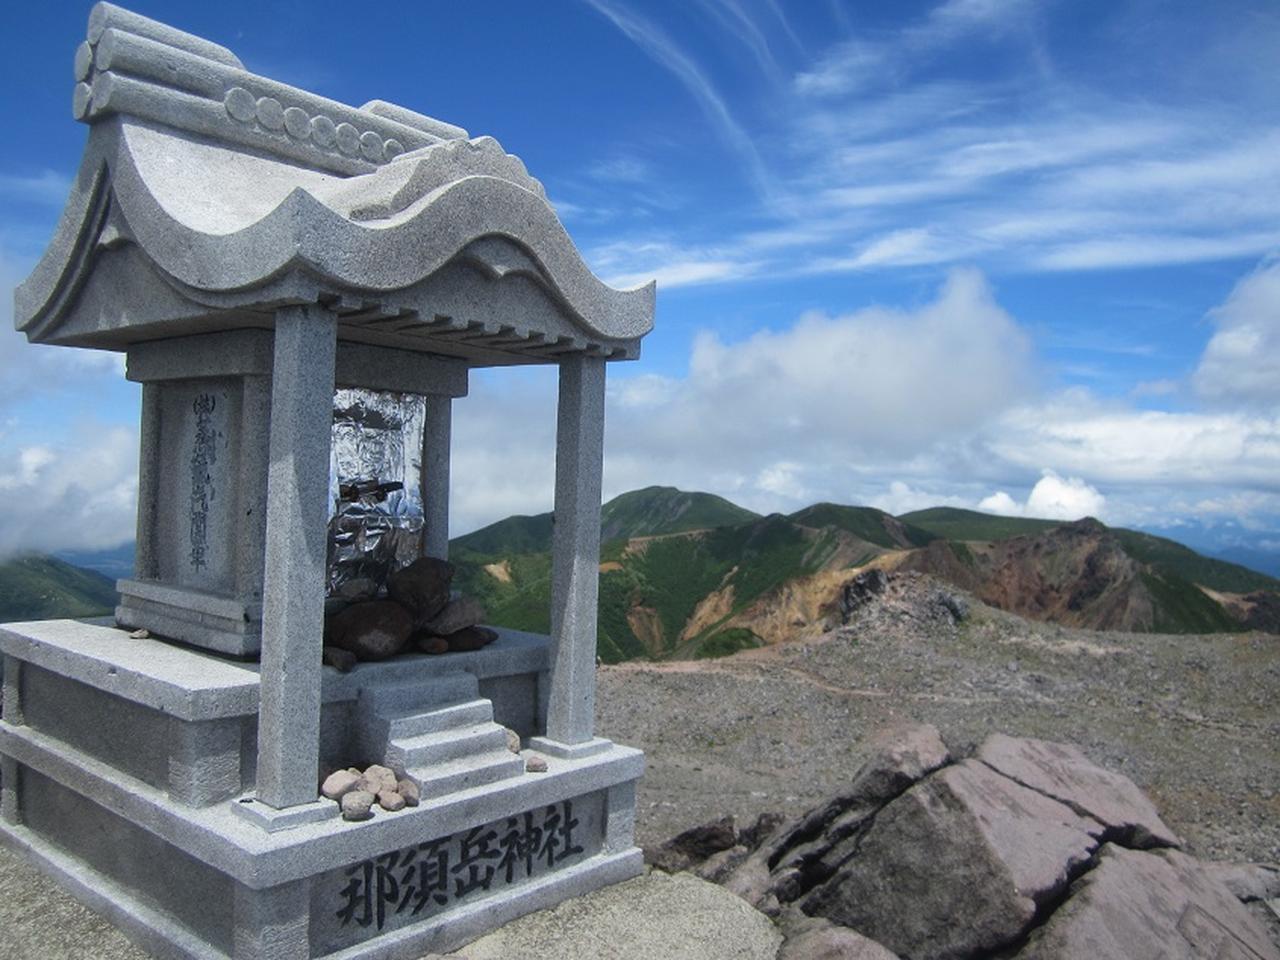 画像3: 10月10日から山旅会 「那須茶臼岳と姥ヶ平」 ツアーにいってきました!